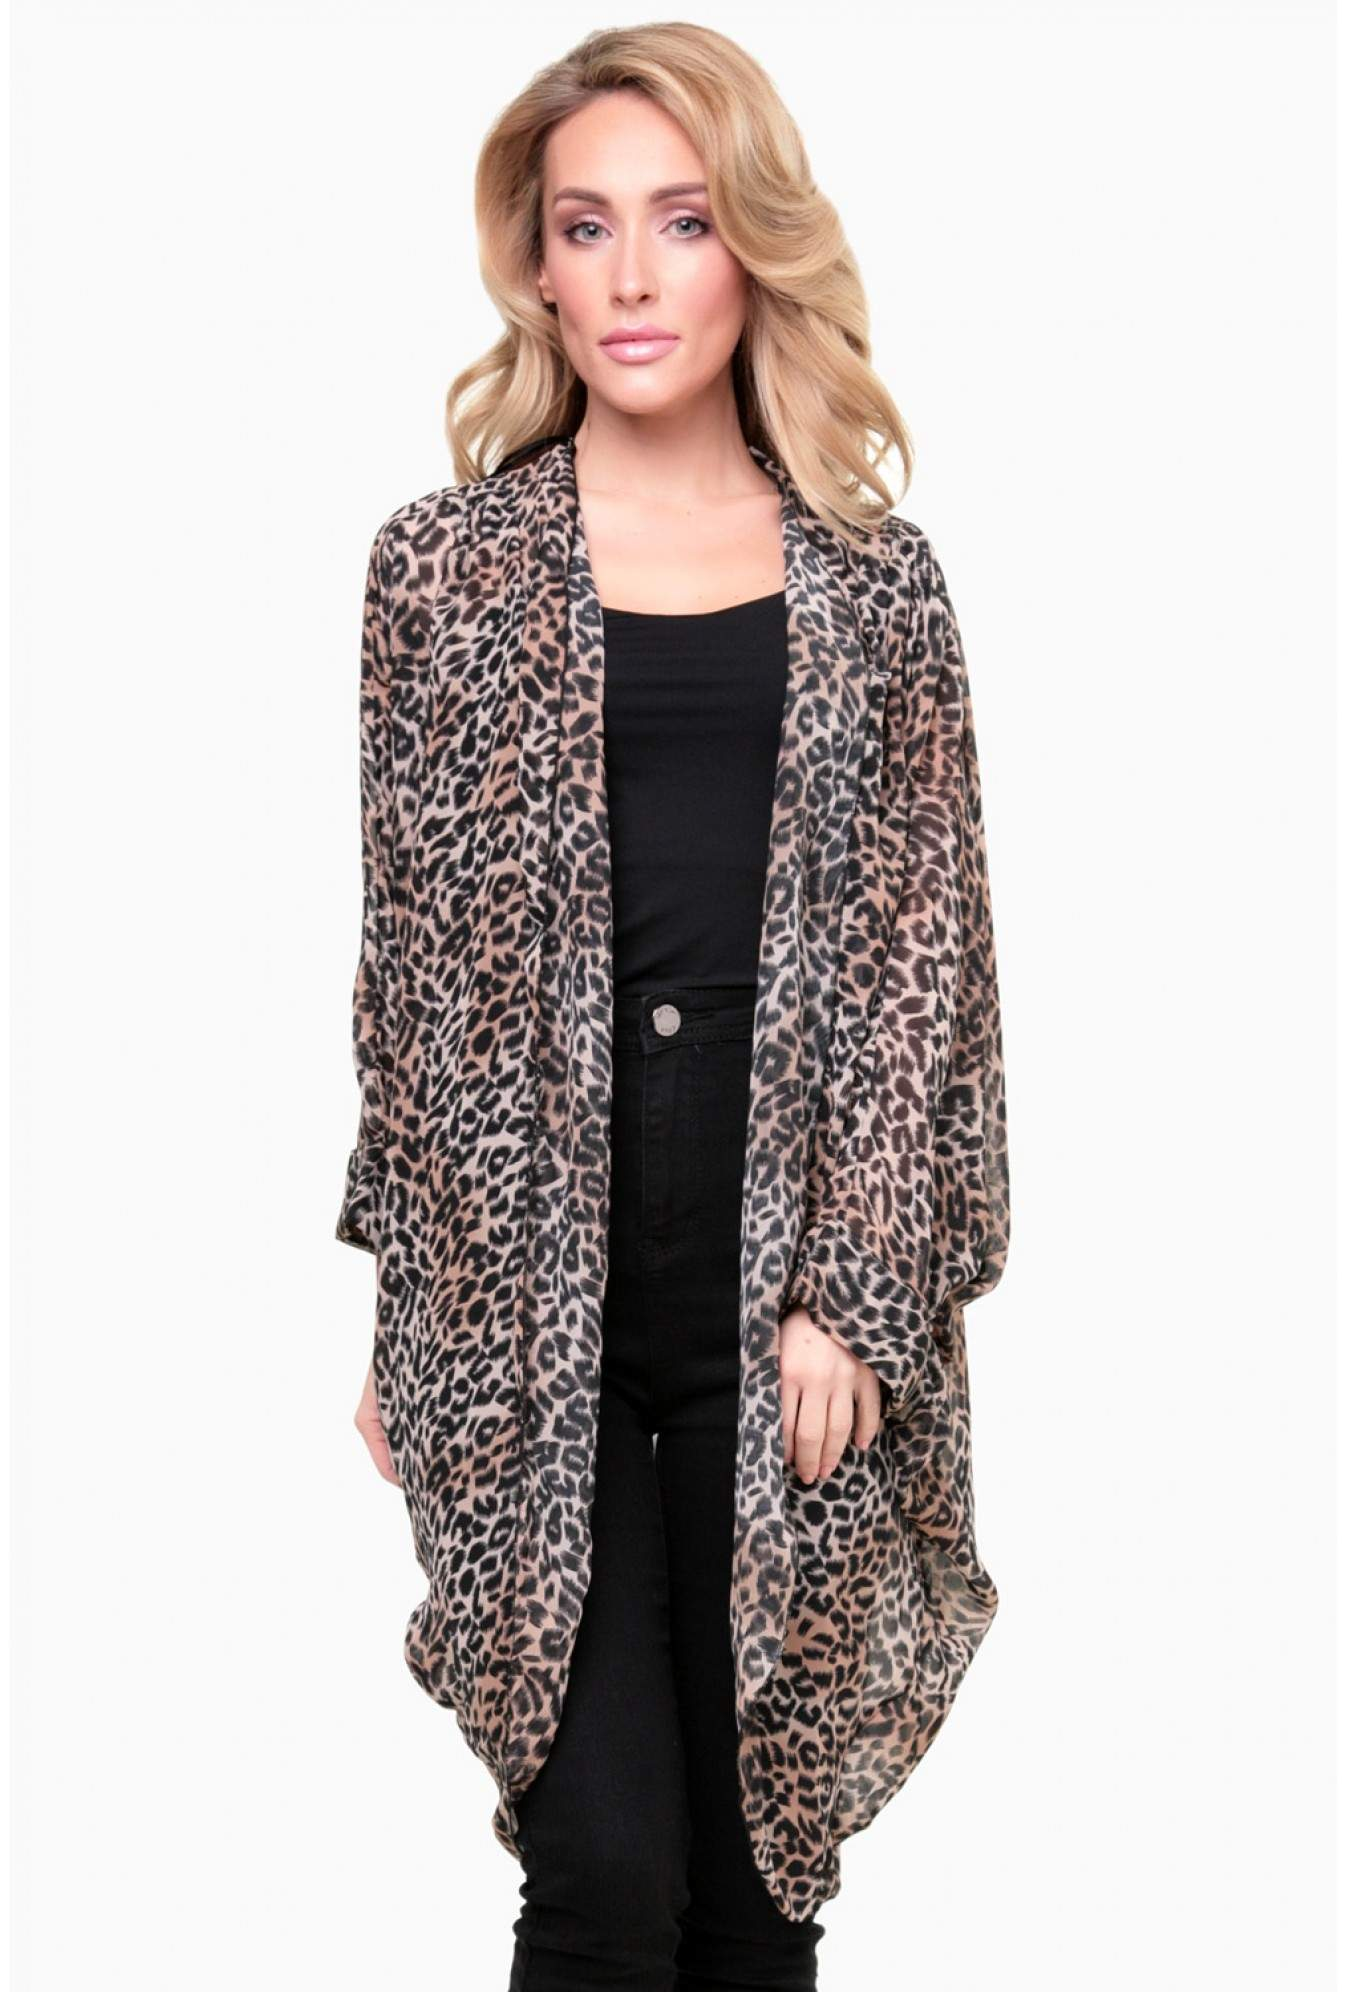 301c716d0b More Views. Katie Leopard Print Kimono Top